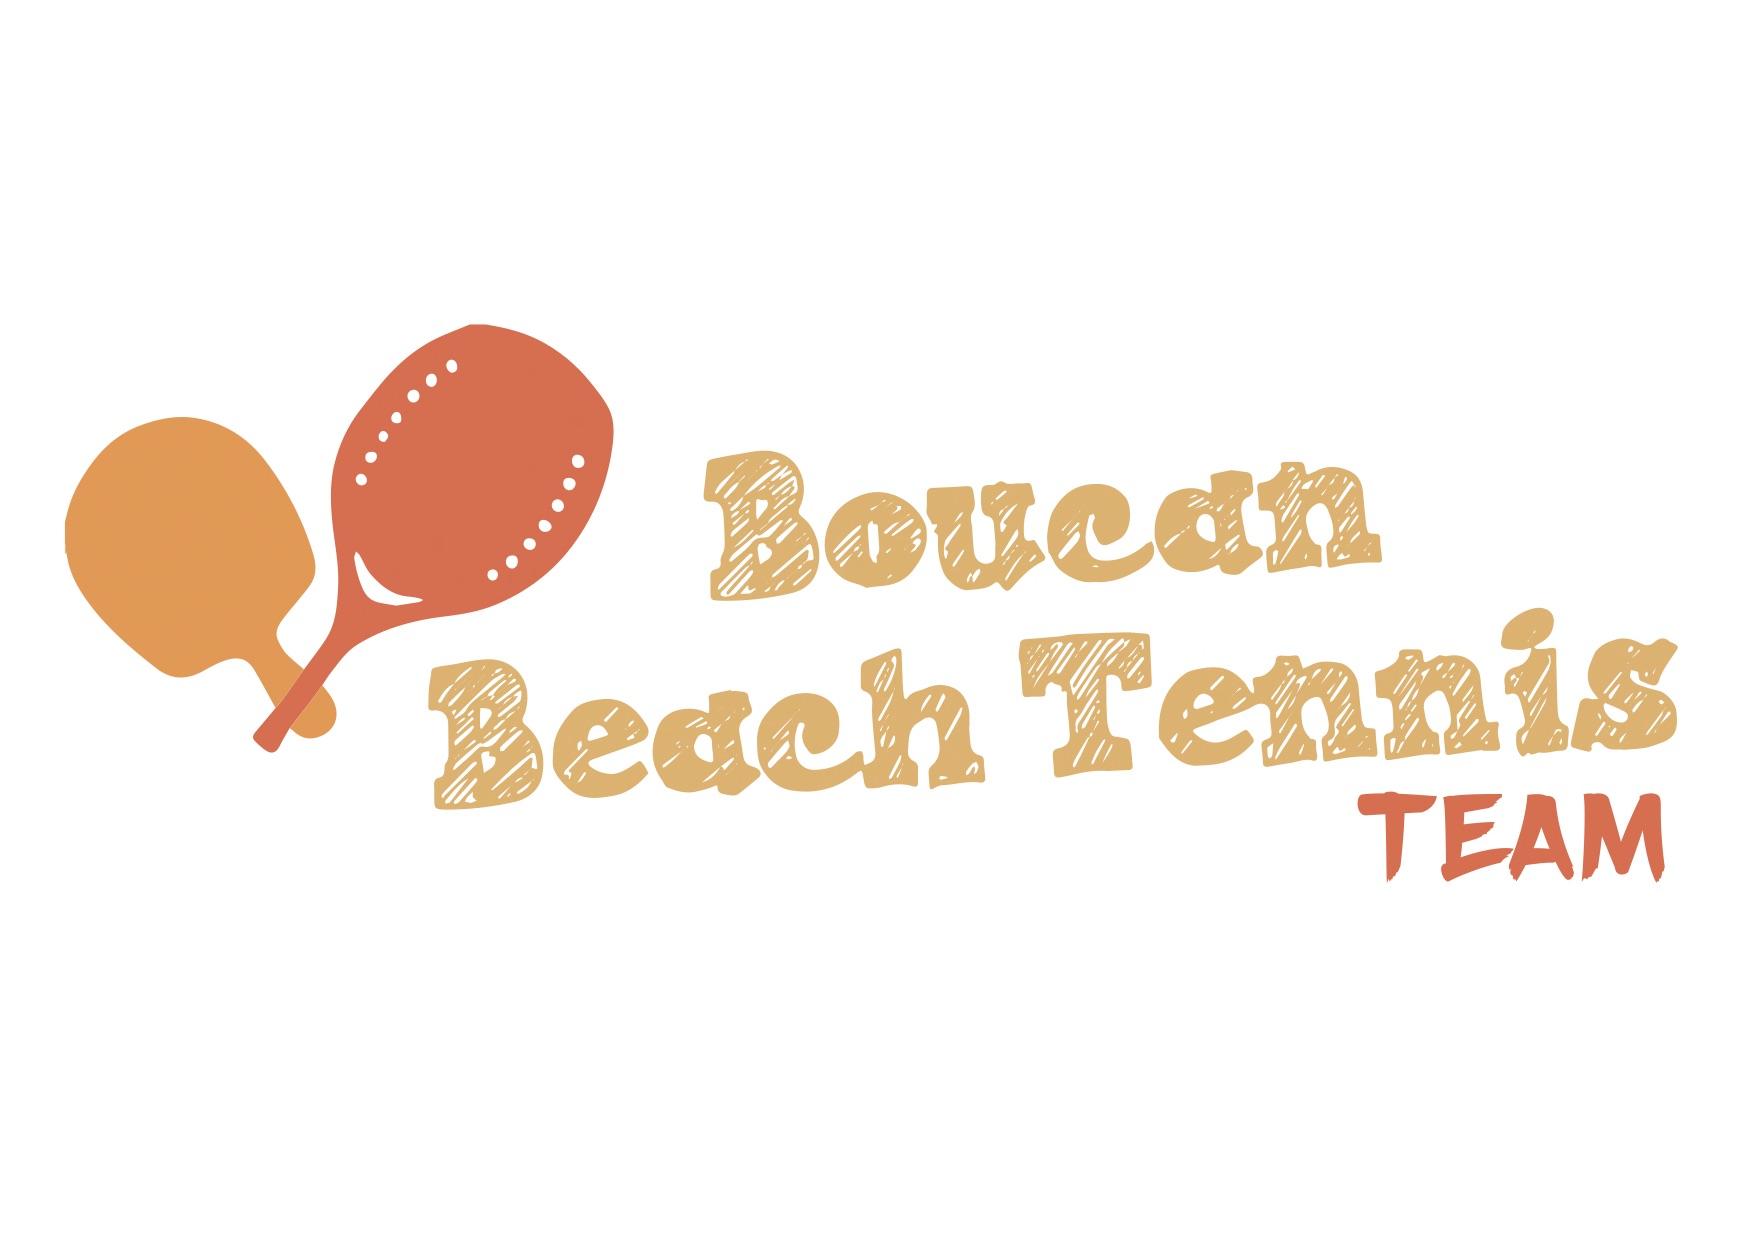 logos-boucan-beach-tennis-team